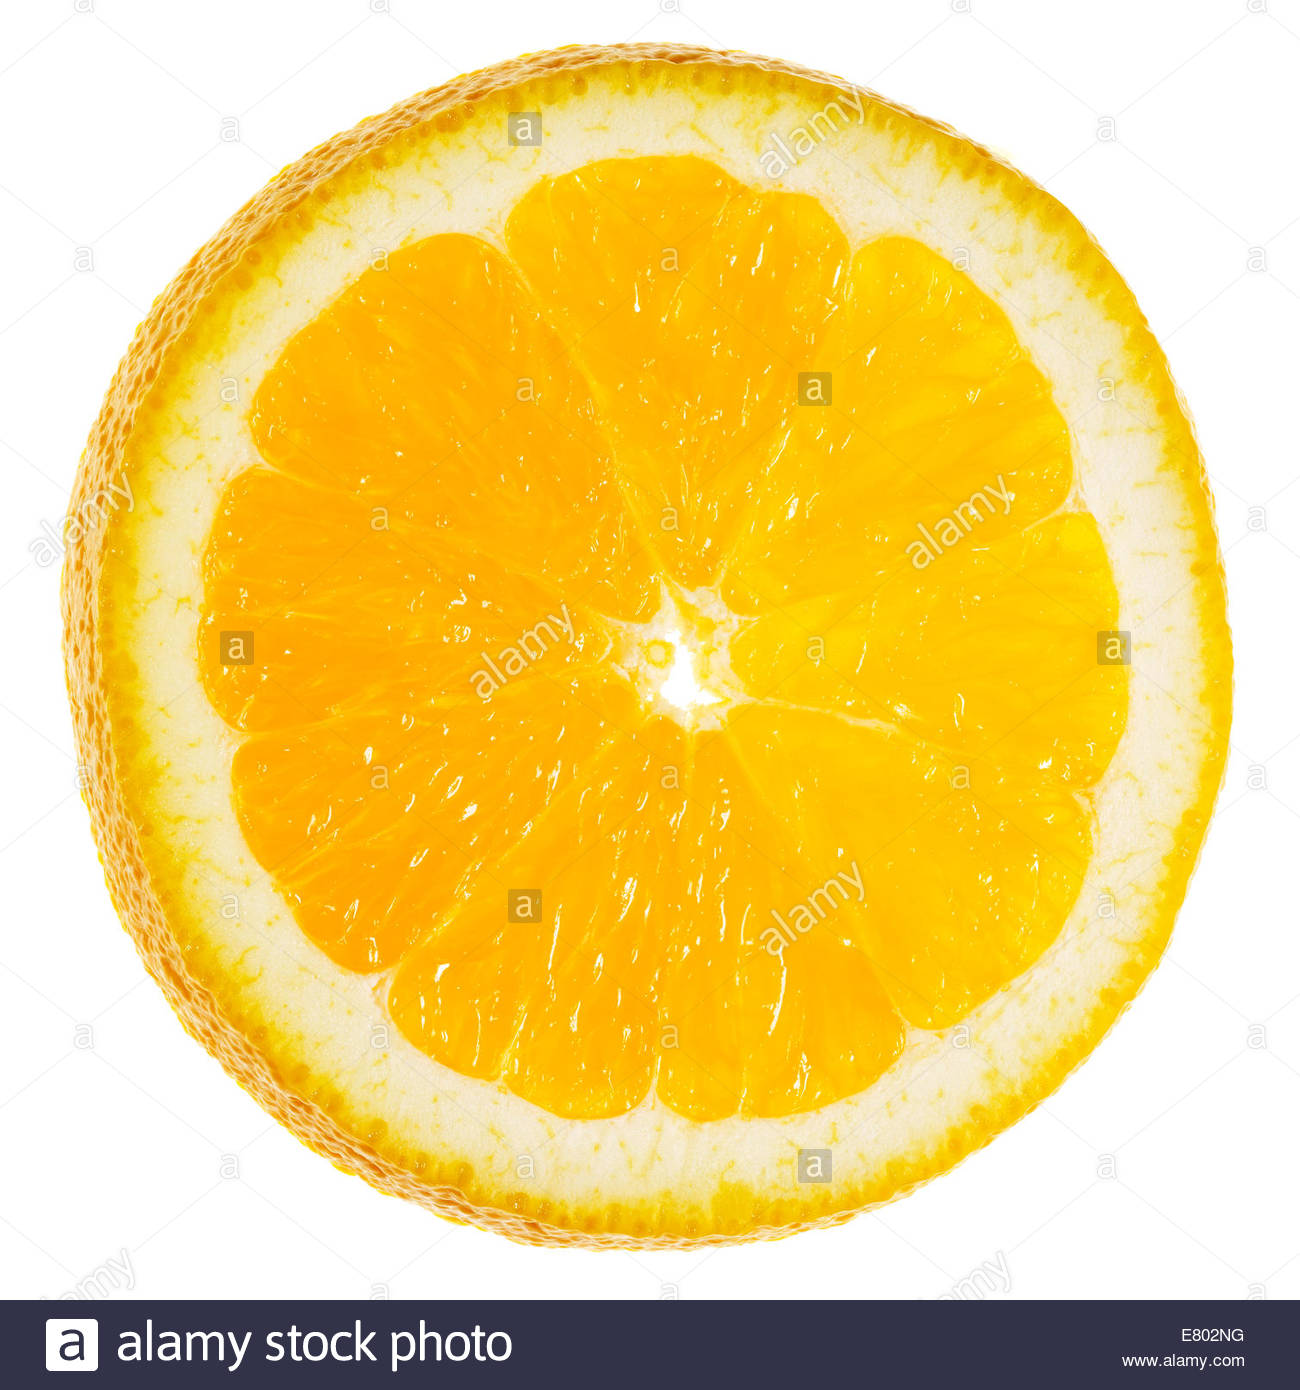 Slices of fresh shiny orange or tangerine over white background. - Stock Image